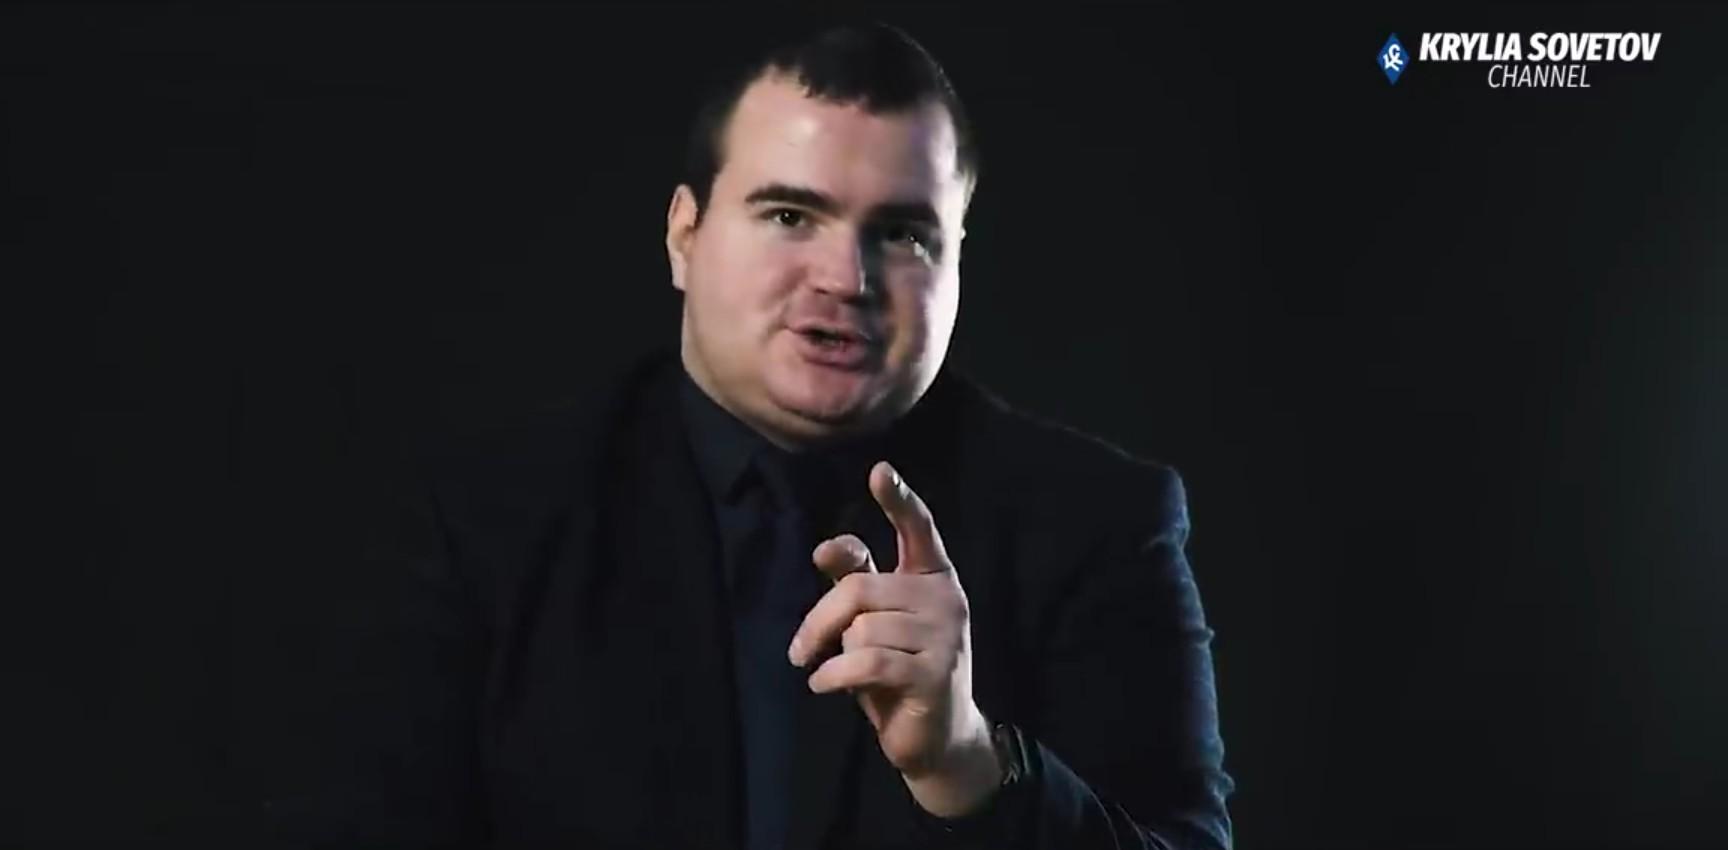 Александр Егоров, Александр Соболев, Крылья Советов, Андрей Кобелев, Организация РПЛ, Антон Зиньковский